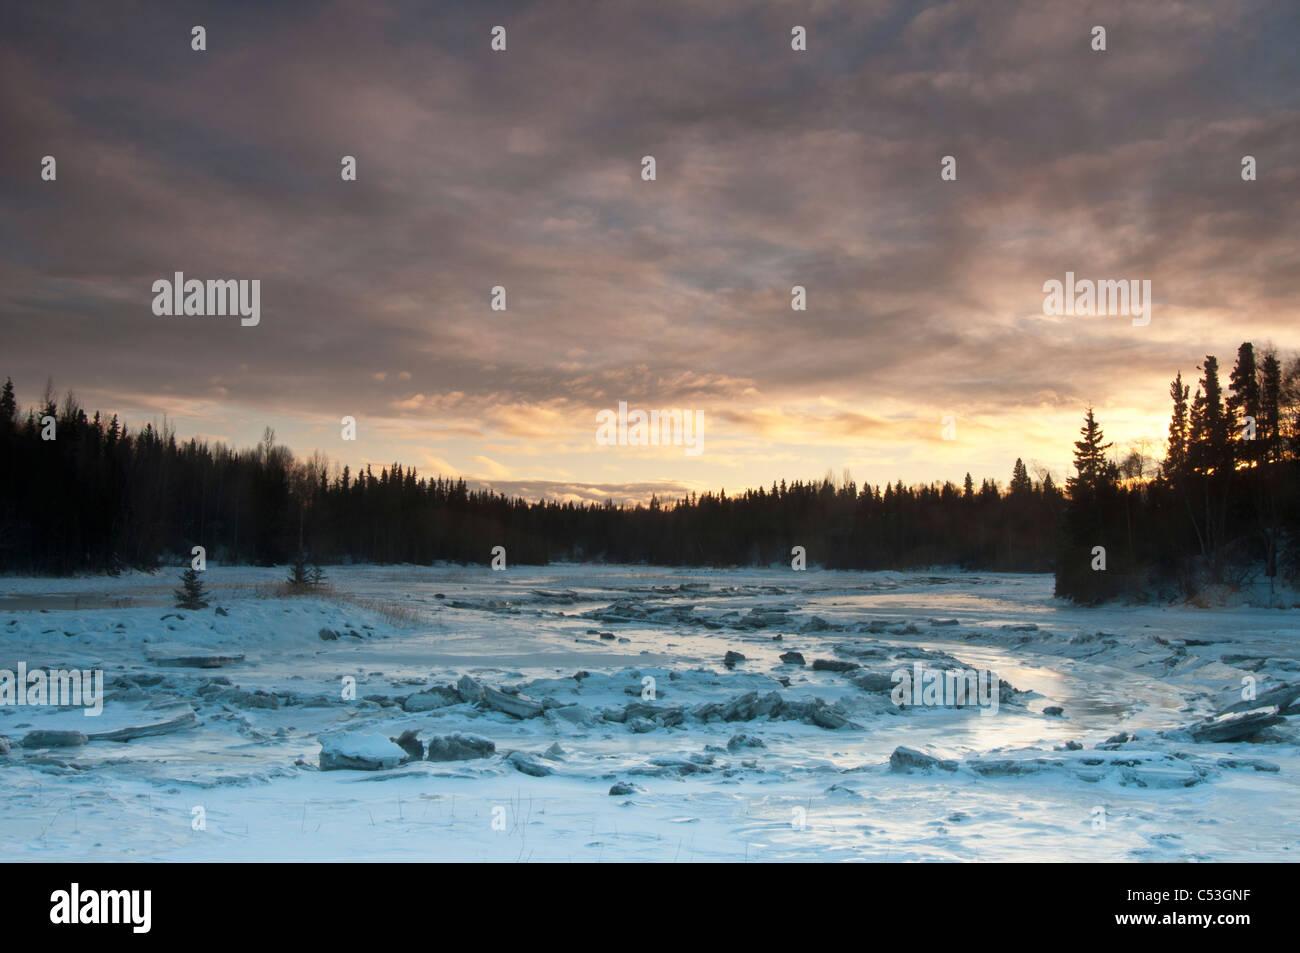 Un ricoperti di ghiaccio Pesce Creek riflette il cielo del pomeriggio nei pressi del Tony Knowles il sentiero costiero Immagini Stock